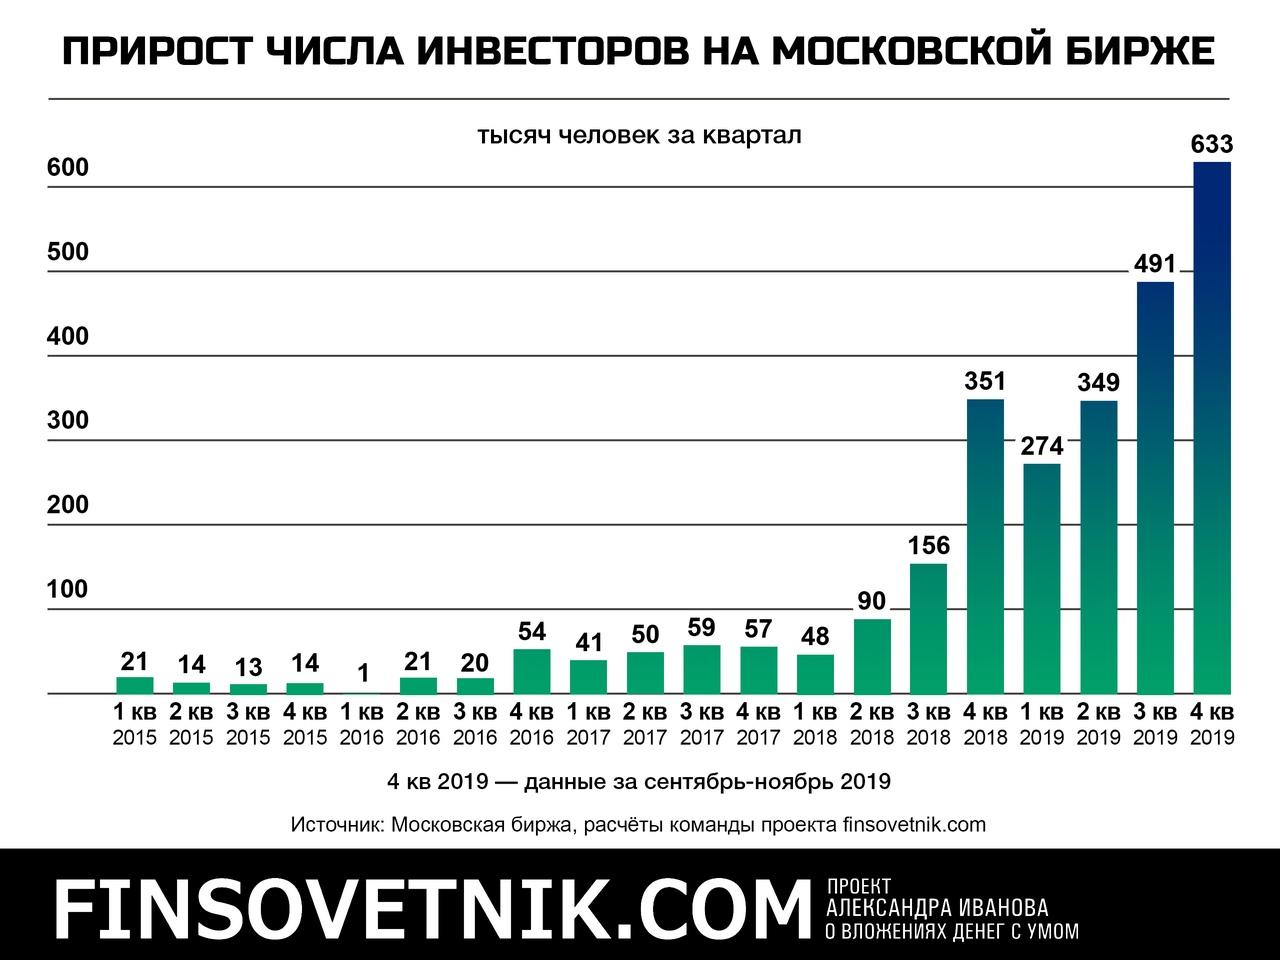 Кто инвестирует в россии 2015 кредит онлайн без отказа и решение онлайн